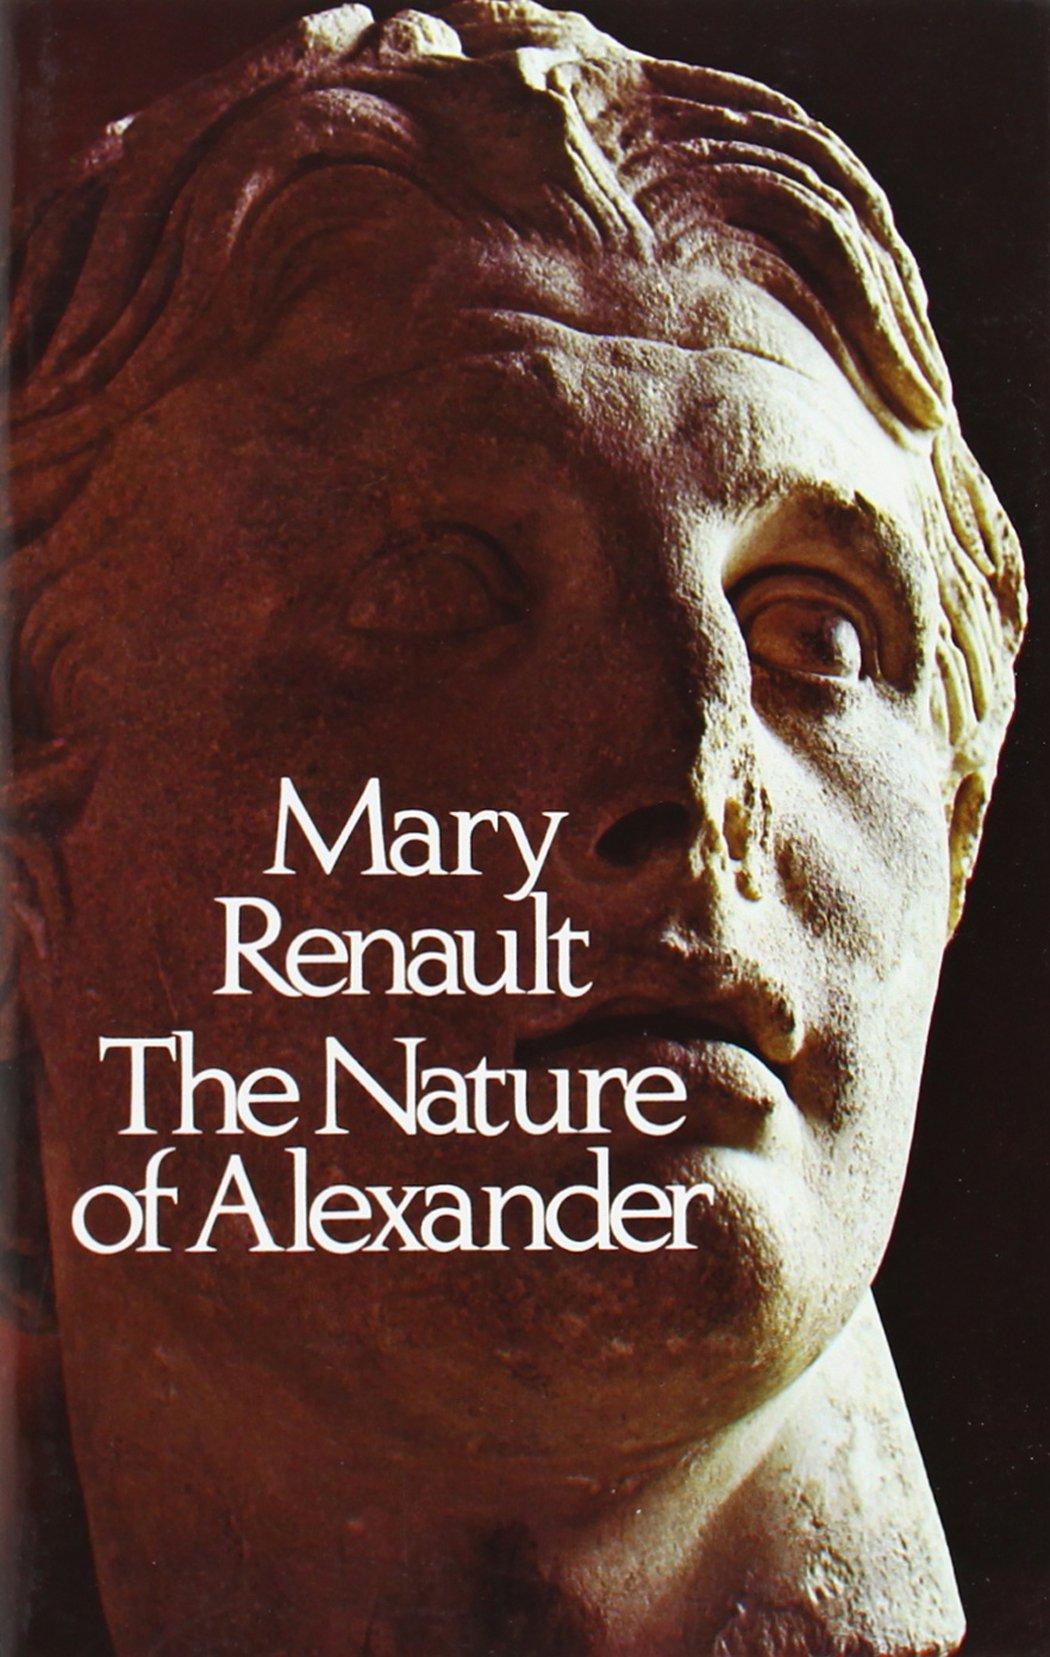 Alexander Renault